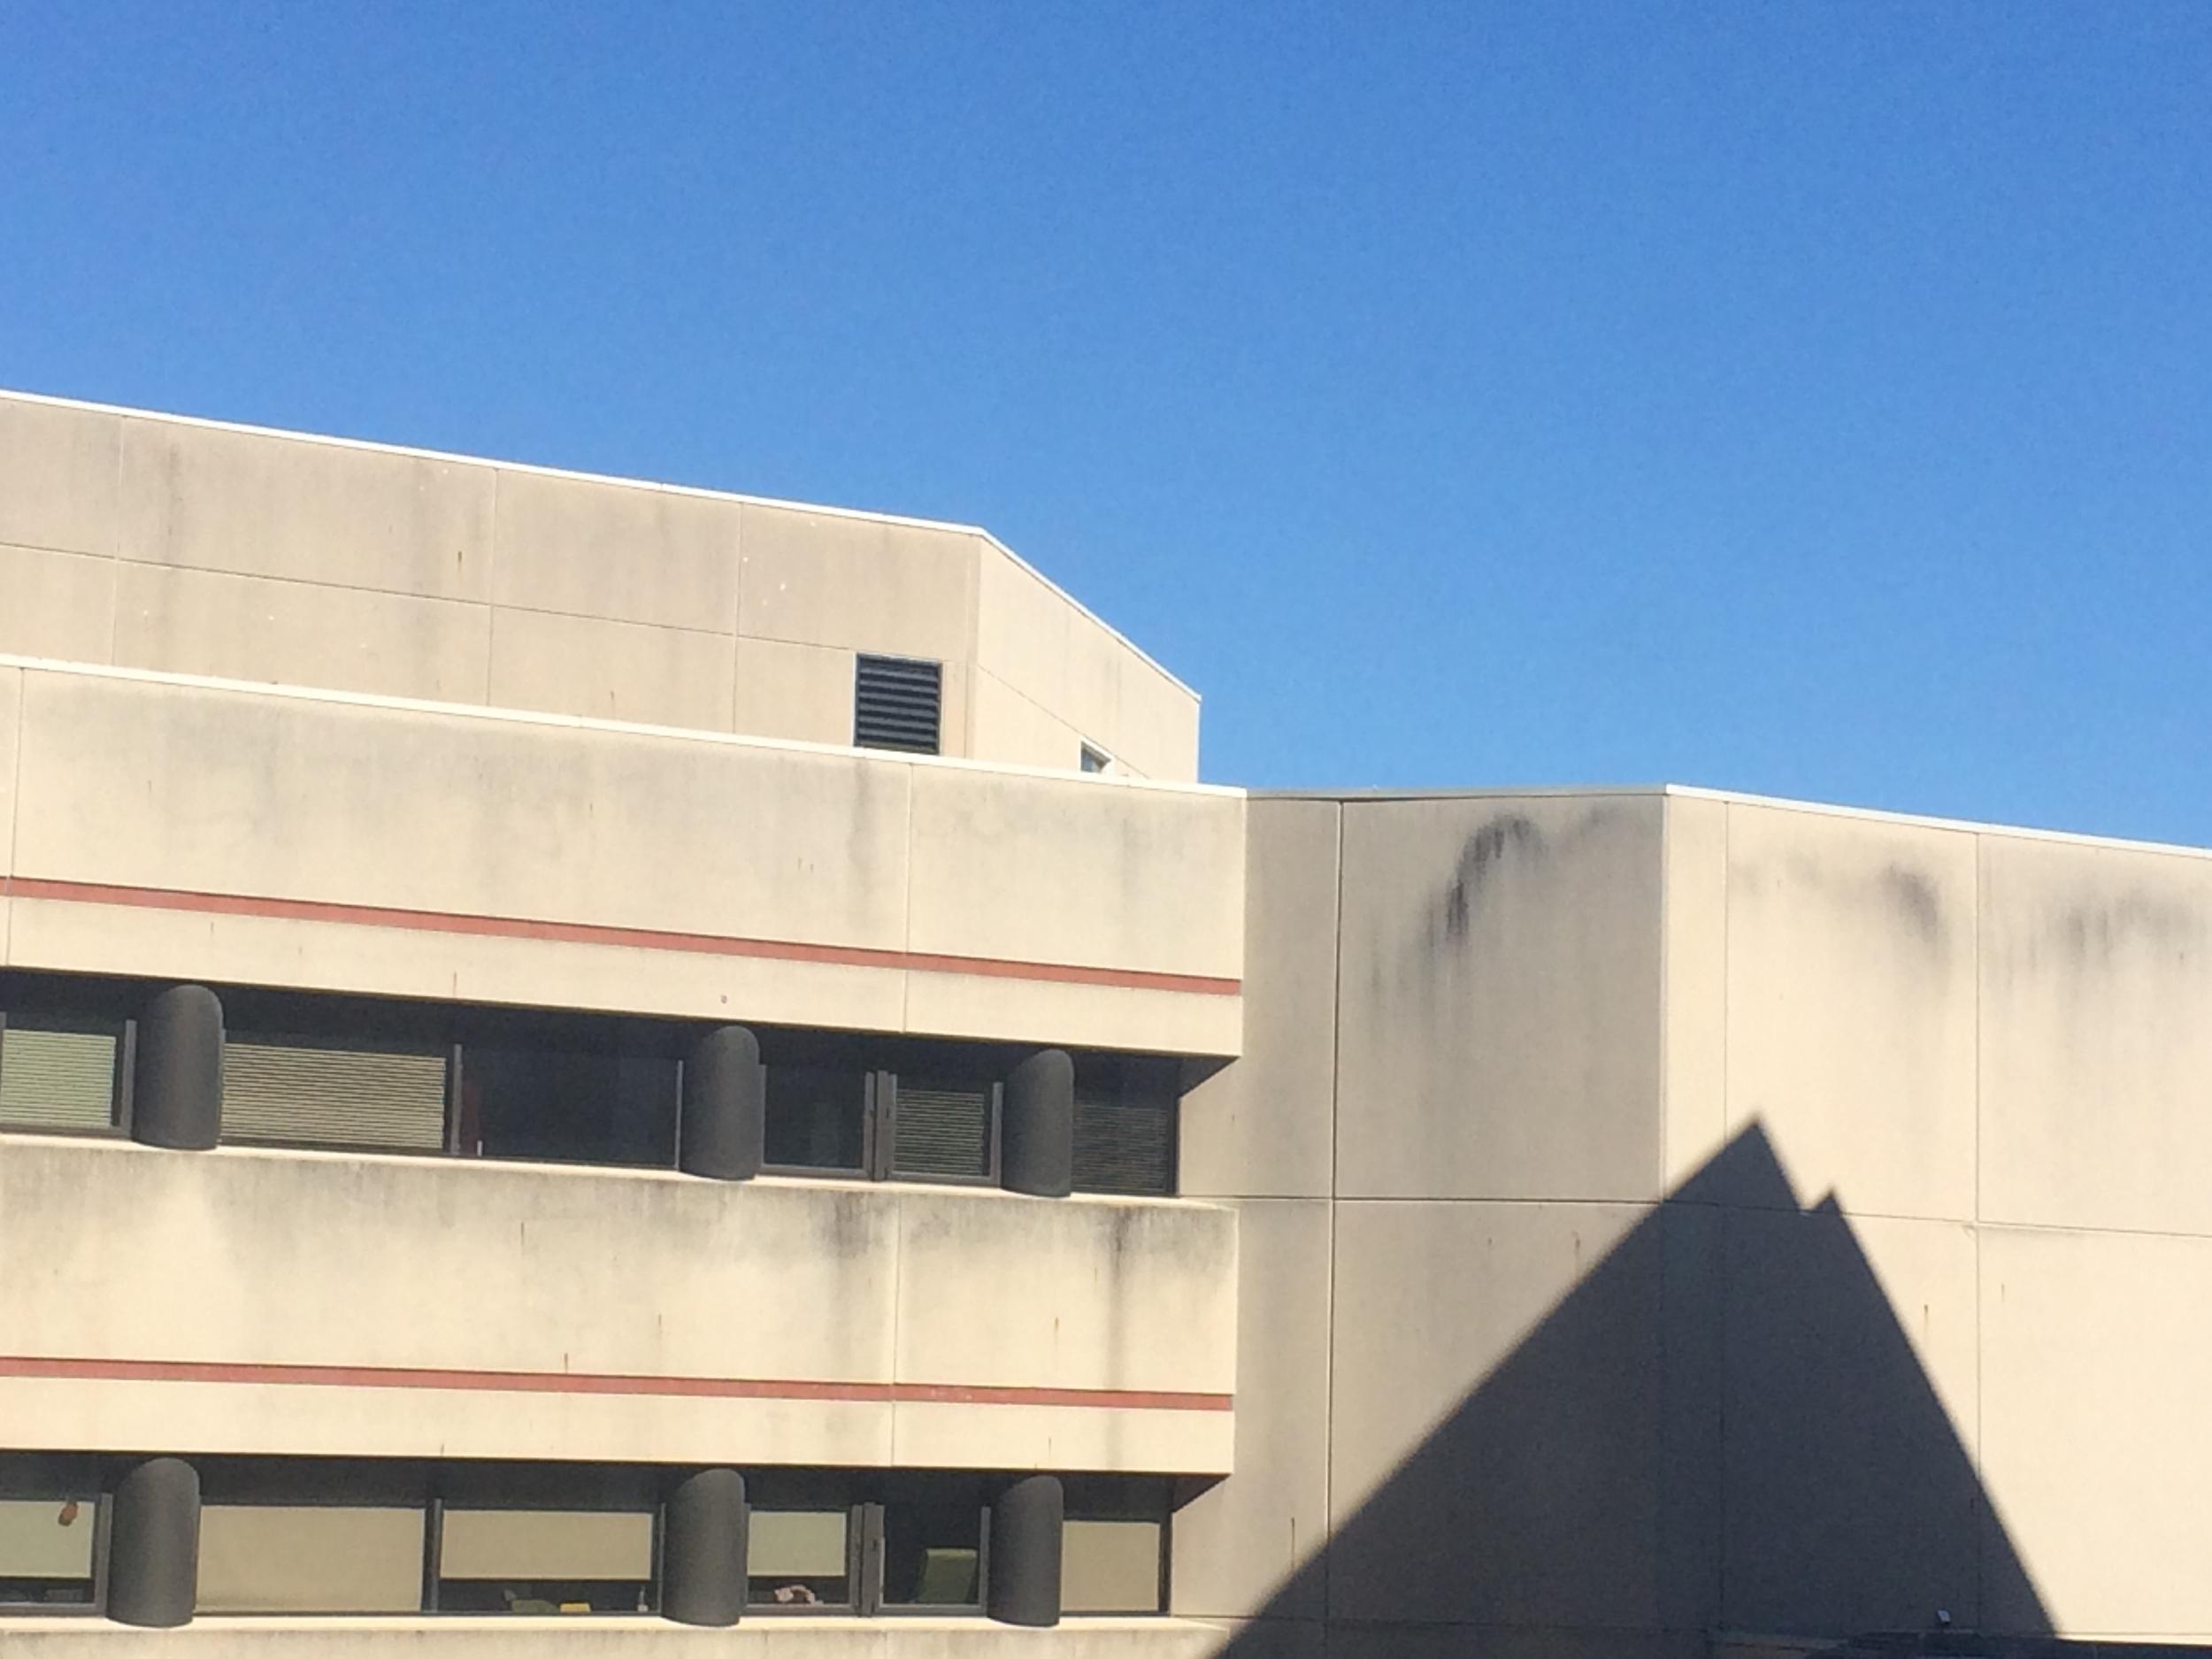 University of Kentucky Hospital - Lexington, KY